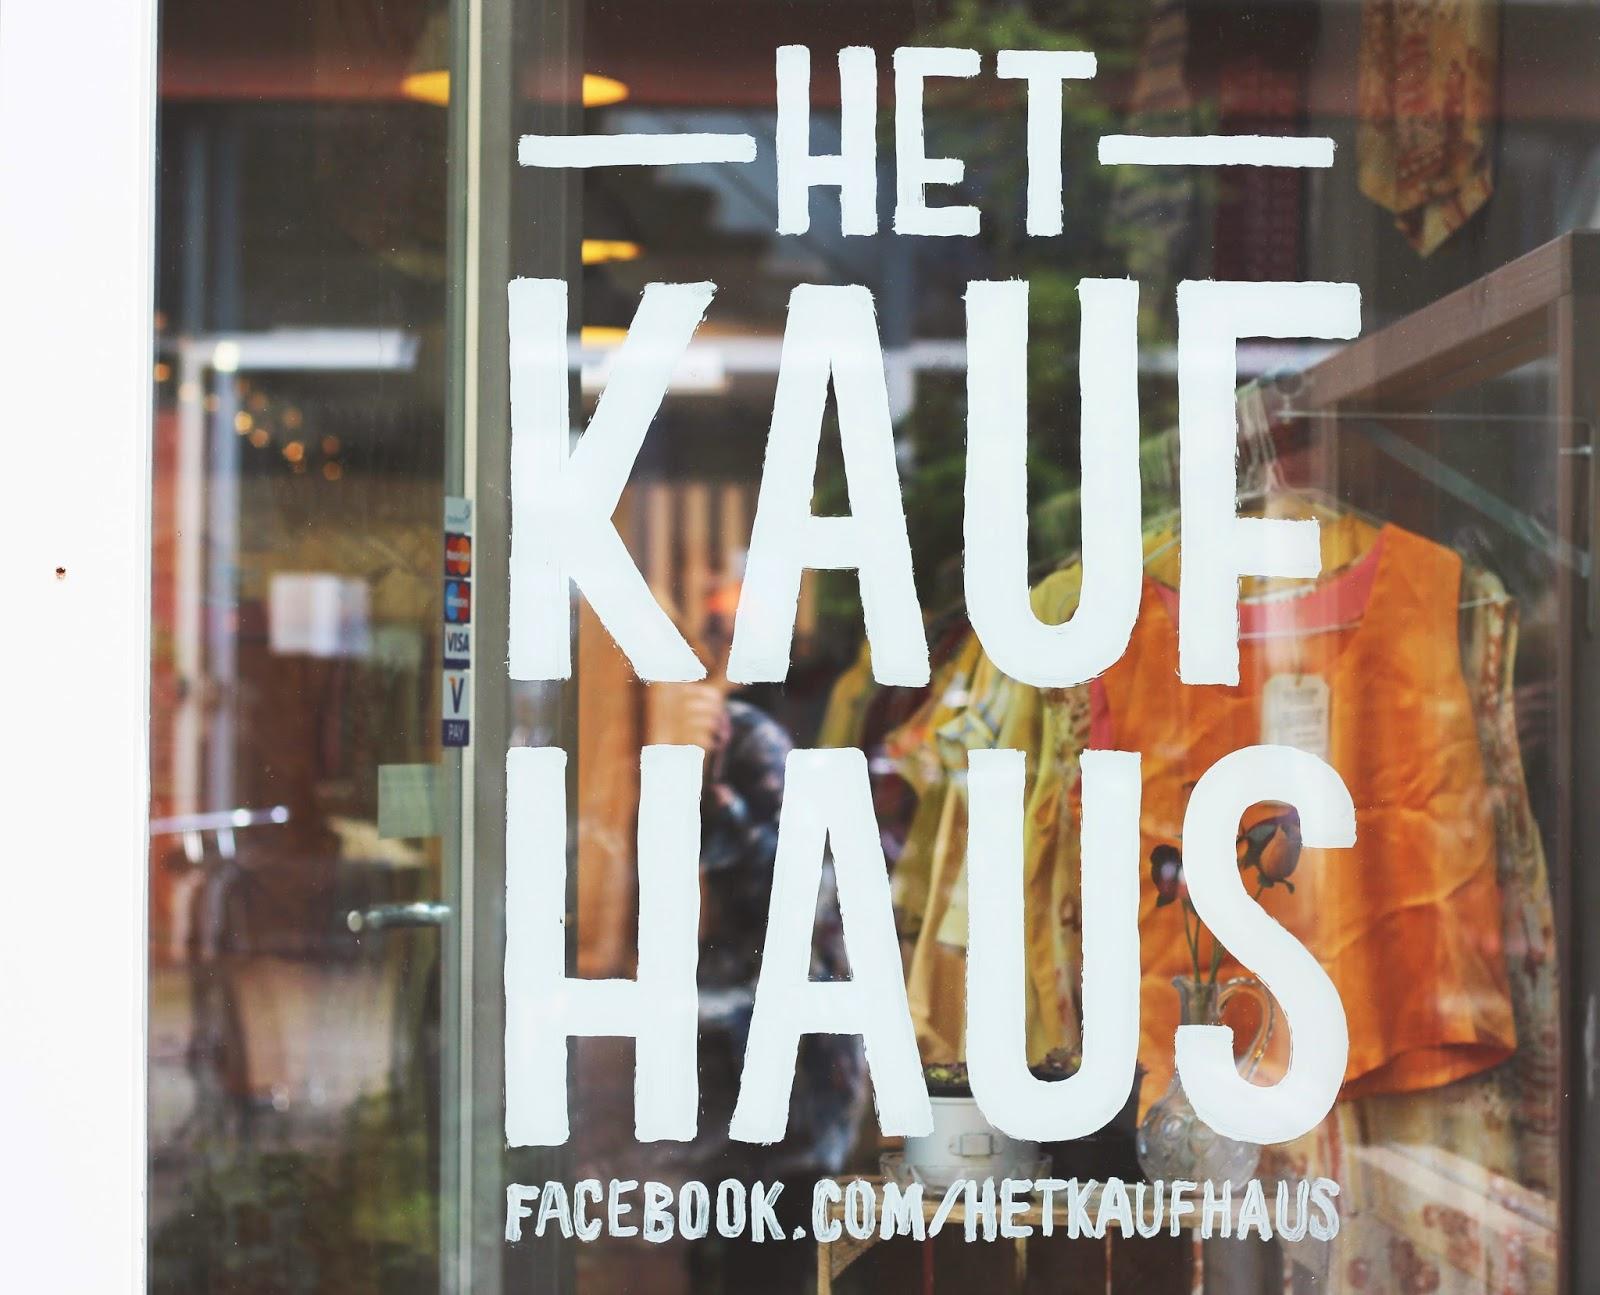 het kaufhaus amsterdam